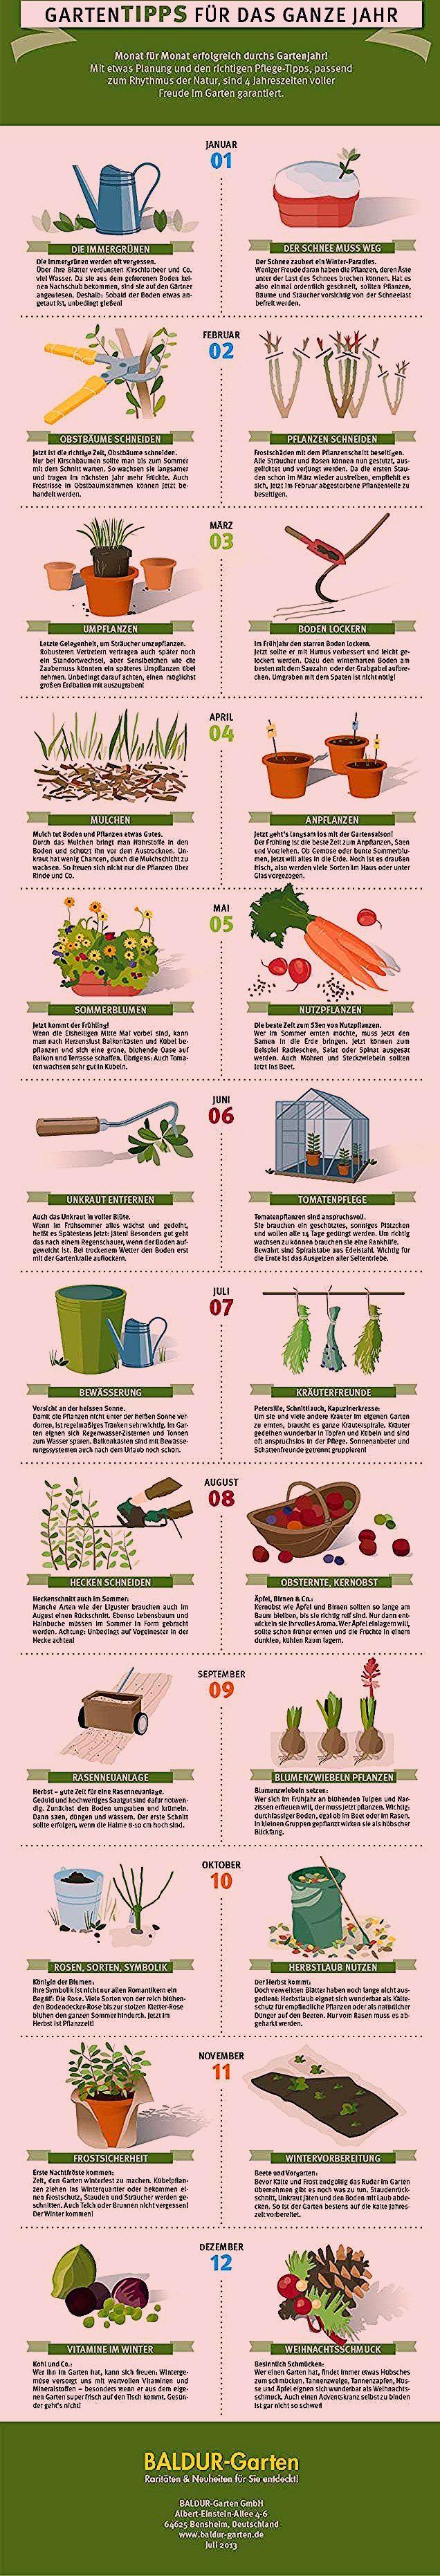 Photo of Gartenjahr als Grafik – hier geht's zu den Gartentipps